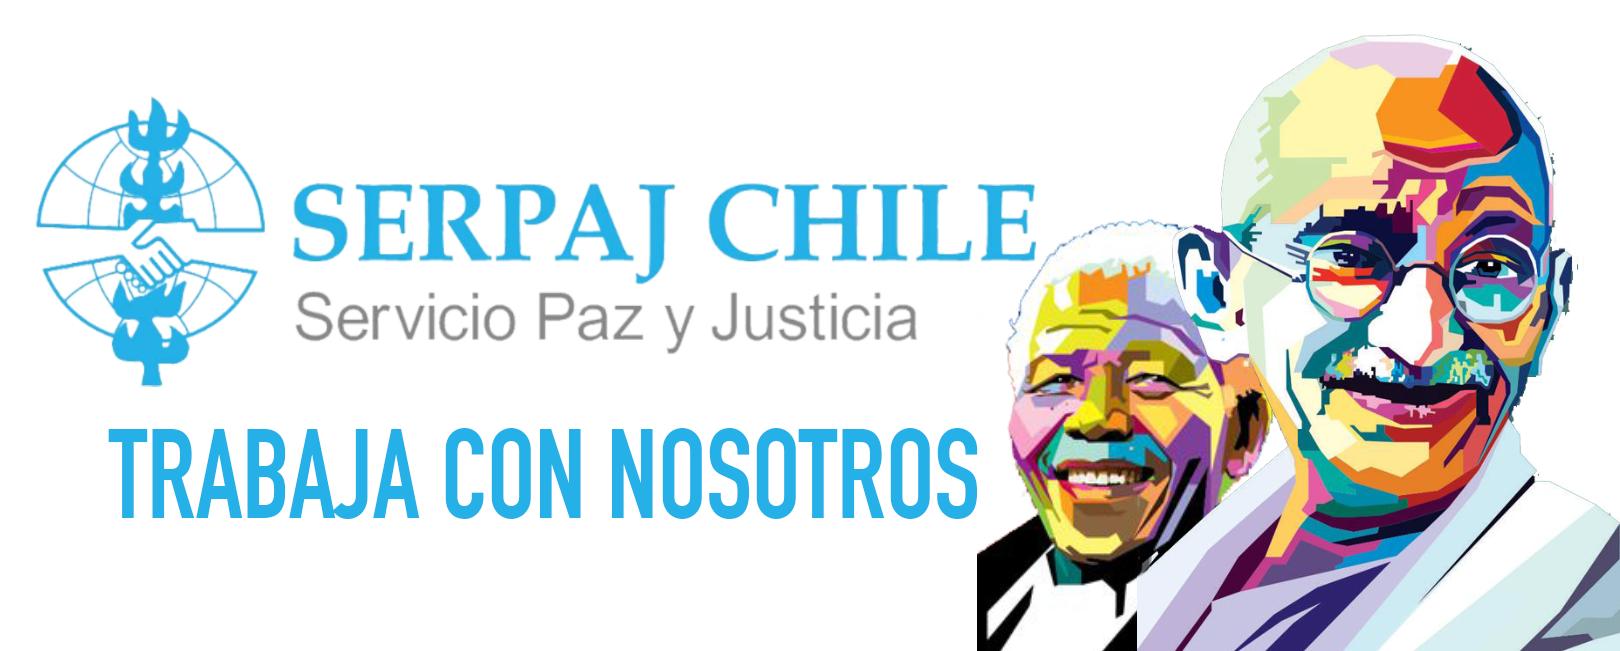 SERPAJ Chile abre concurso para Asesor/a Técnico en Unidad Nacional de Drogas